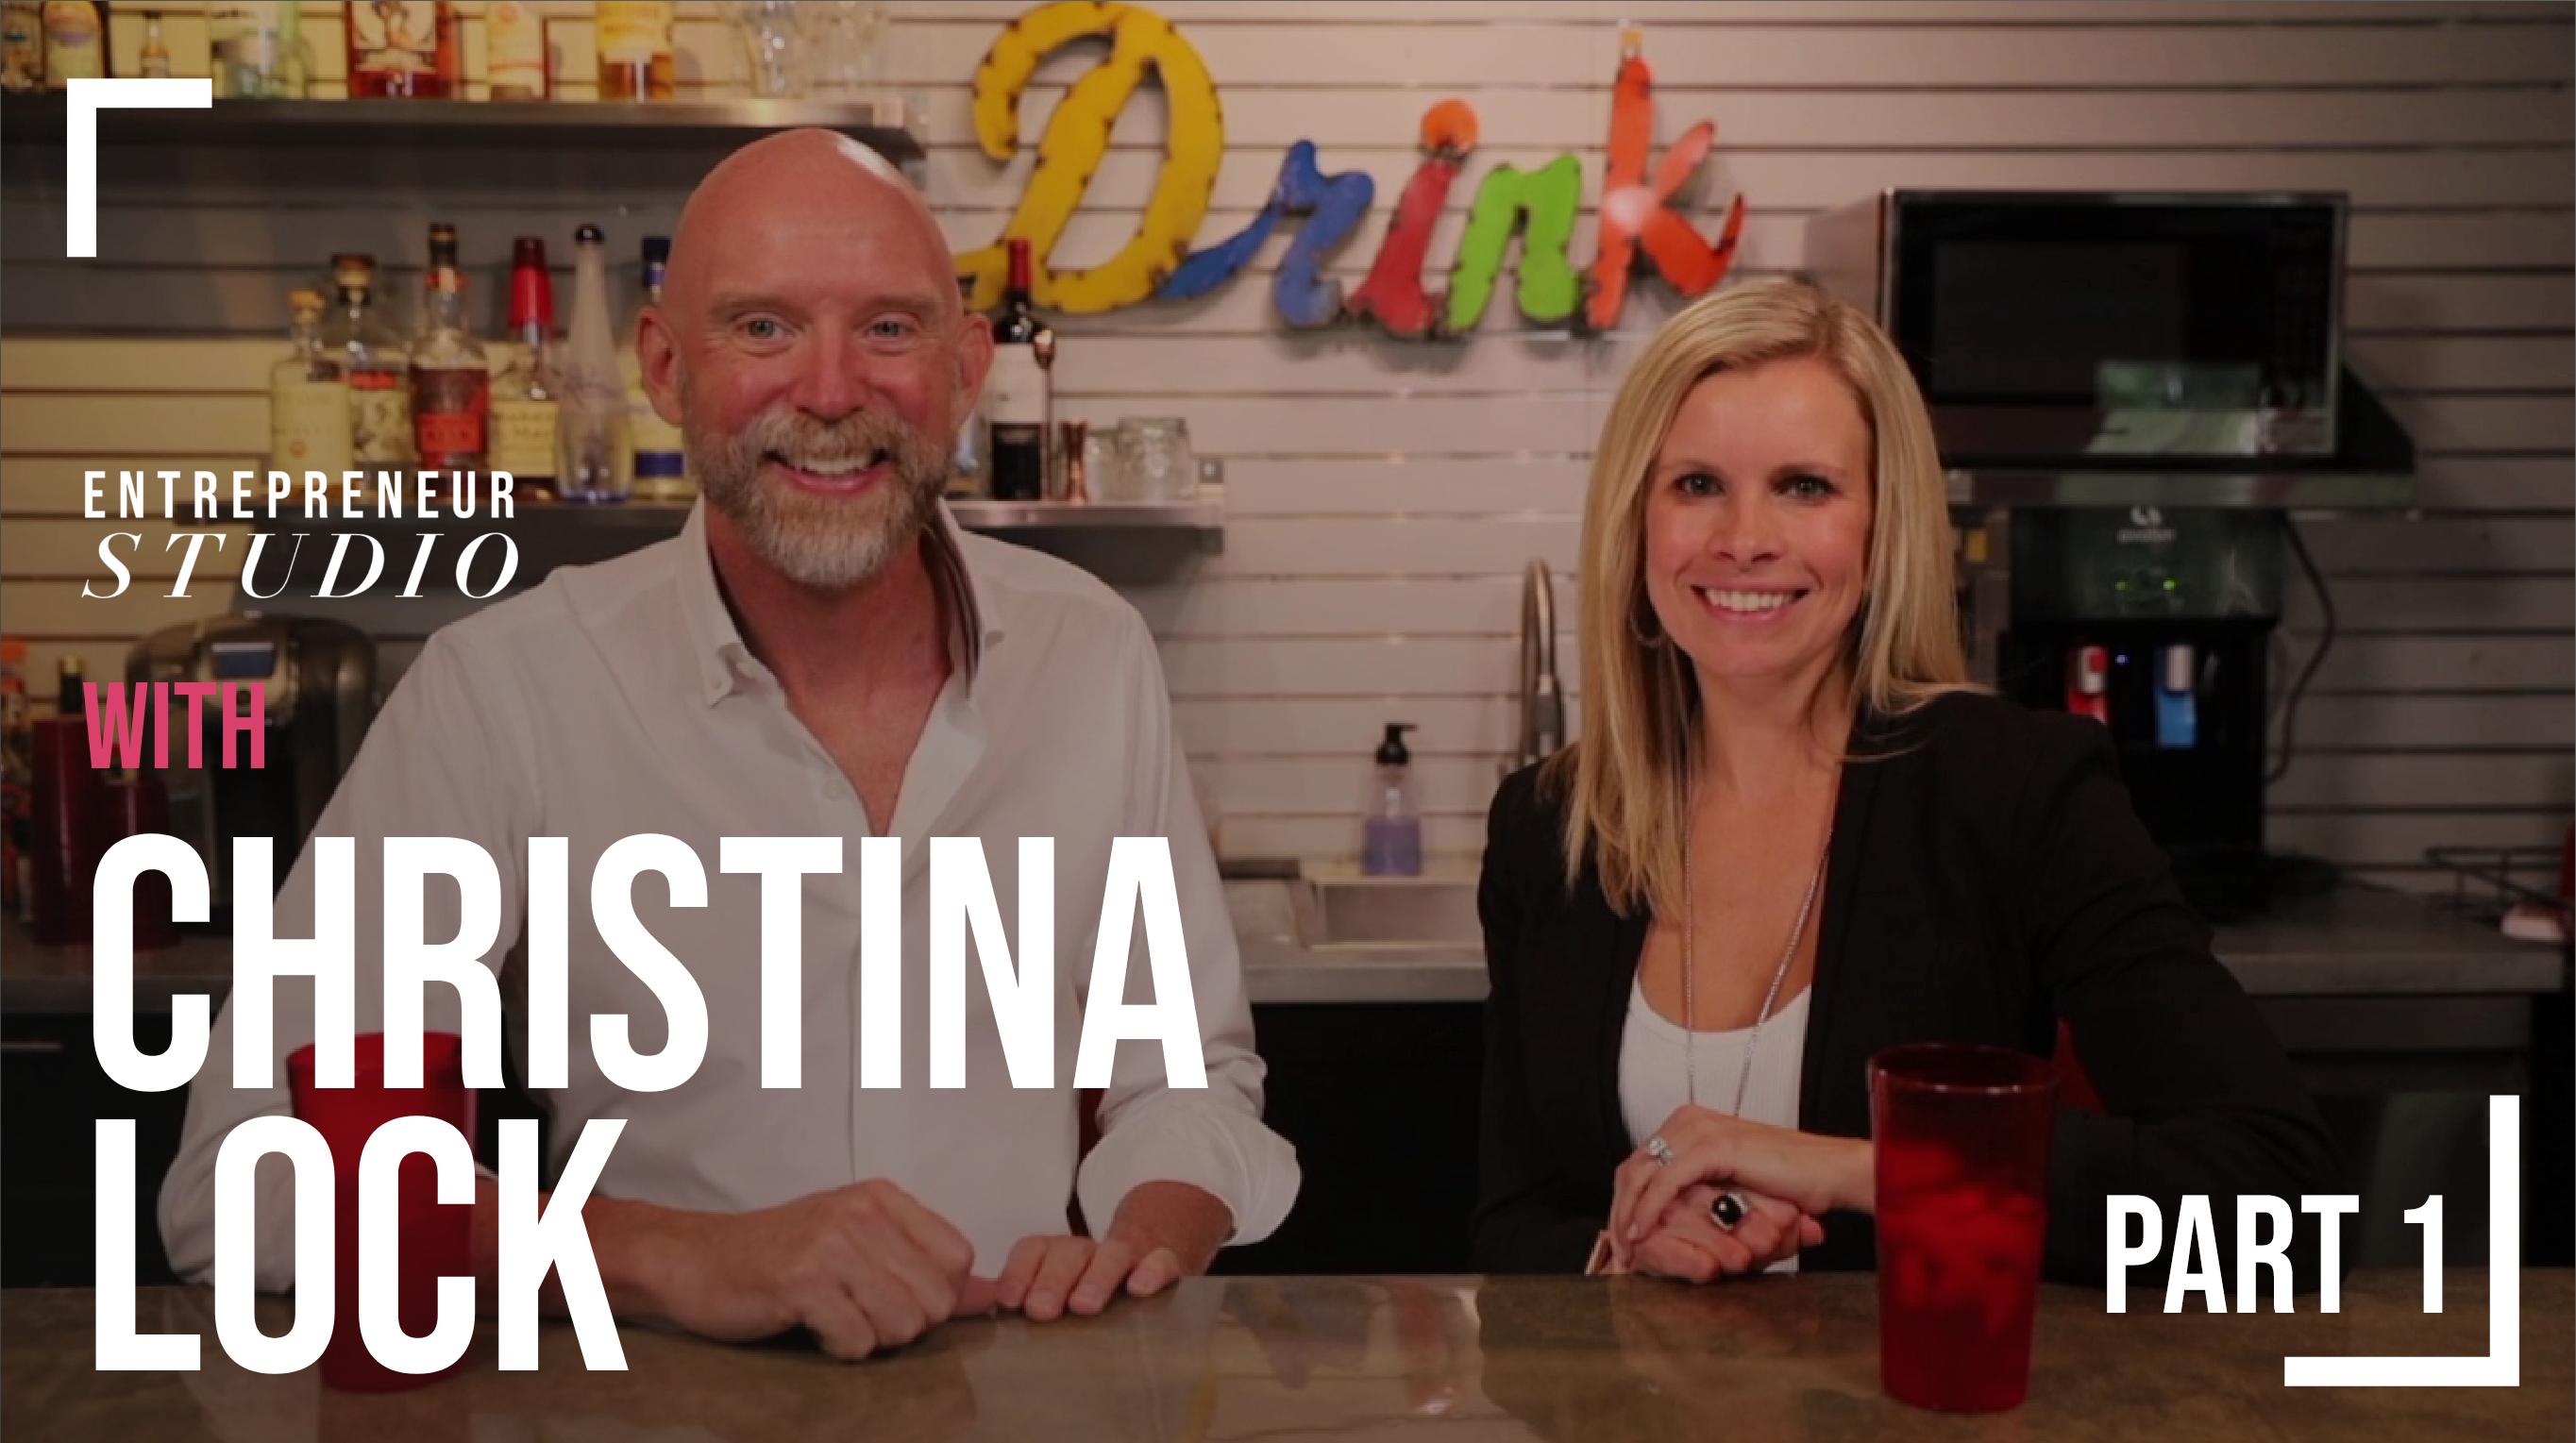 Entrepreneur Studio Series - Episode 6 - Dog Bites and Beer Lights